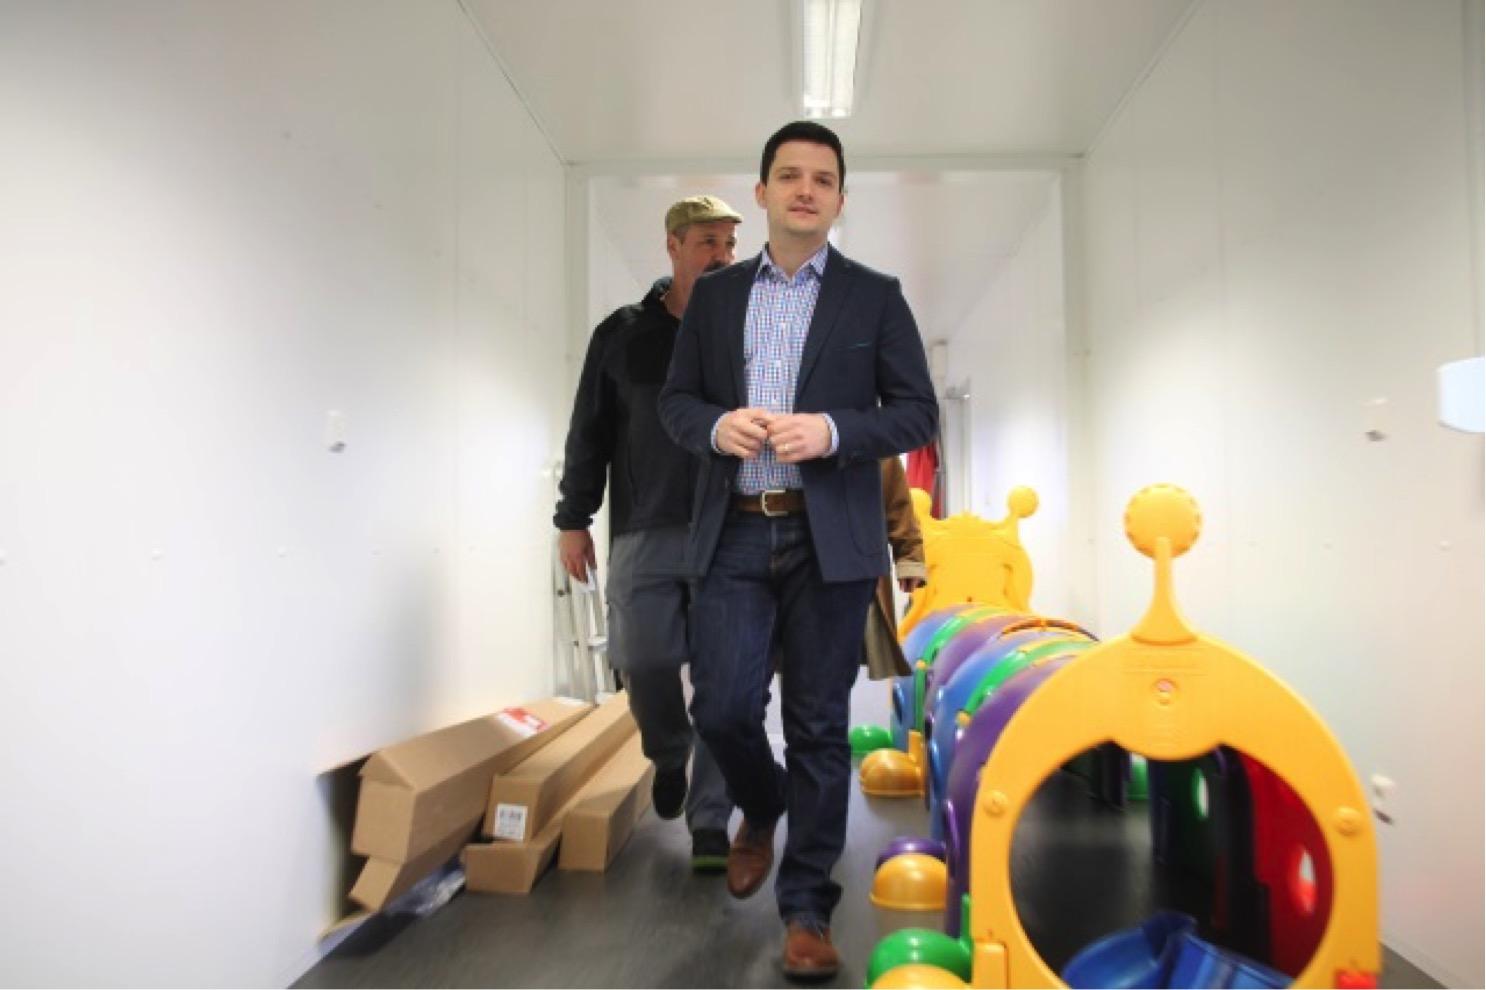 Bürgermeister Greiber besichtigt den Umzug des Kindergarten Schaffhausen